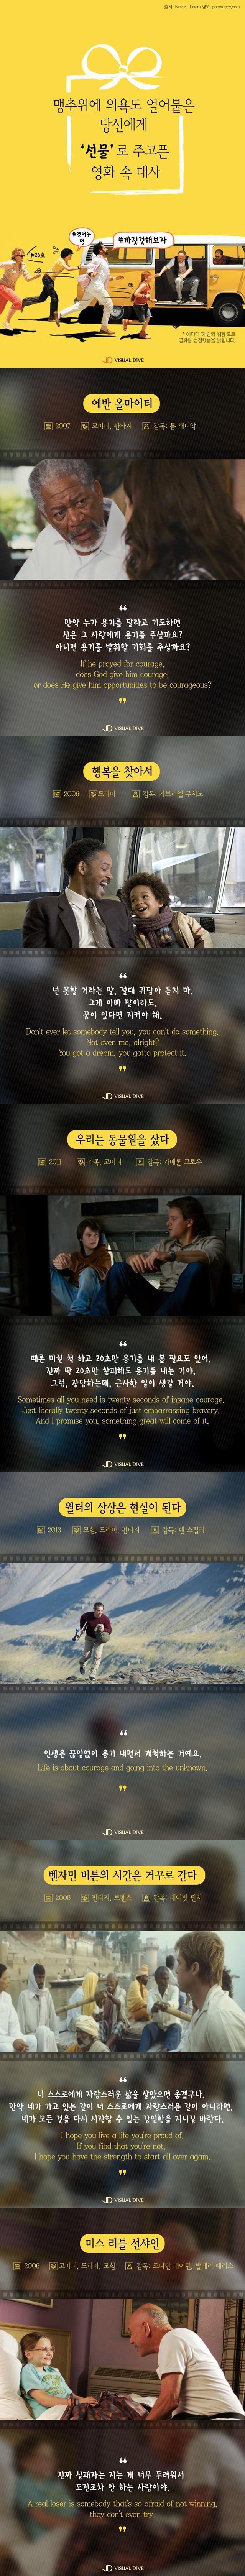 추운 겨울, '용기'의 불씨 지펴줄 명대사 6선 [인포그래픽] #Movie / #infograhpic ⓒ 비주얼다이브 무단 복사·전재·재배포 금지